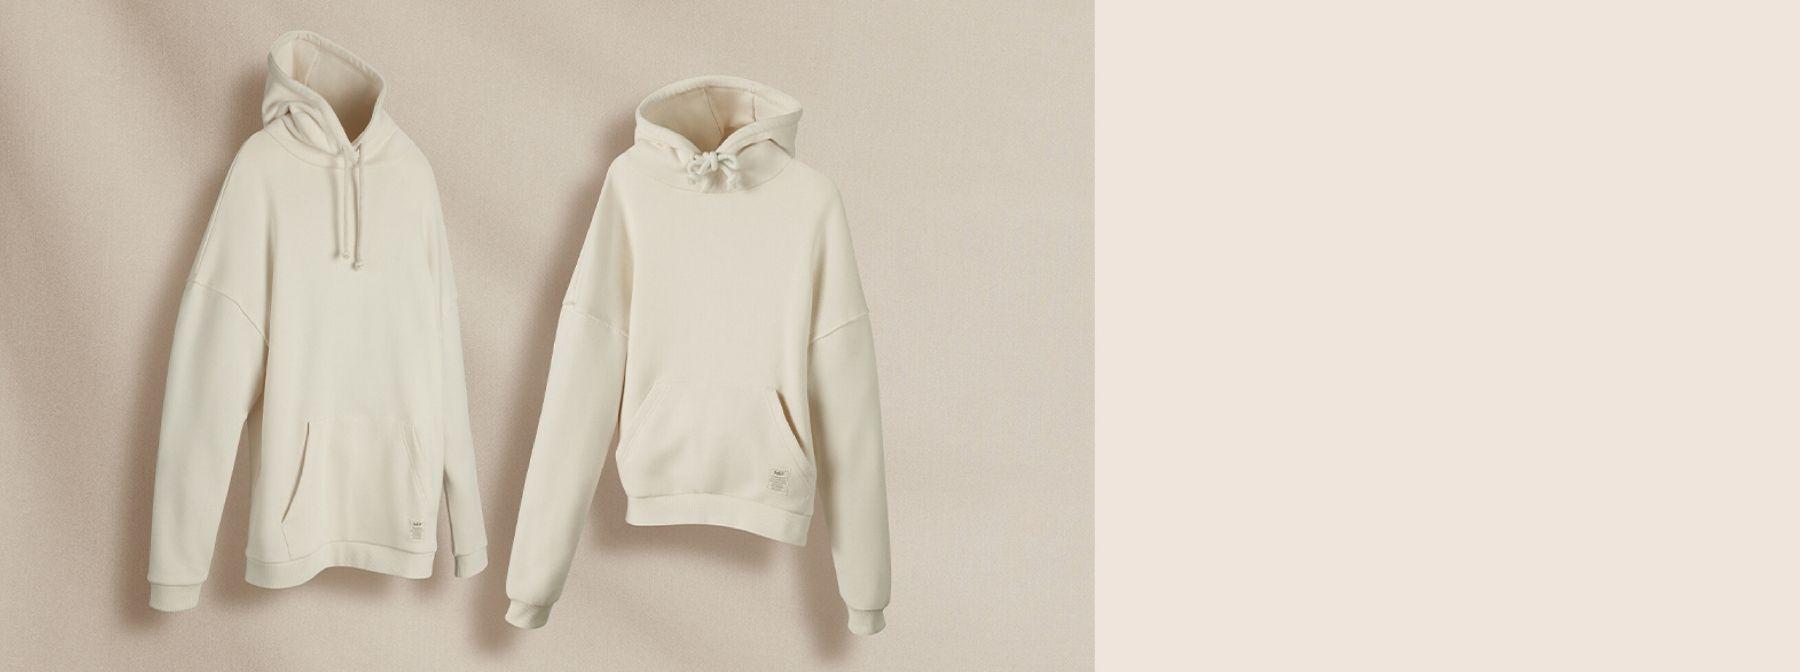 Новая коллекция одежды А/WEAR I Изготовлена из экологичных материалов